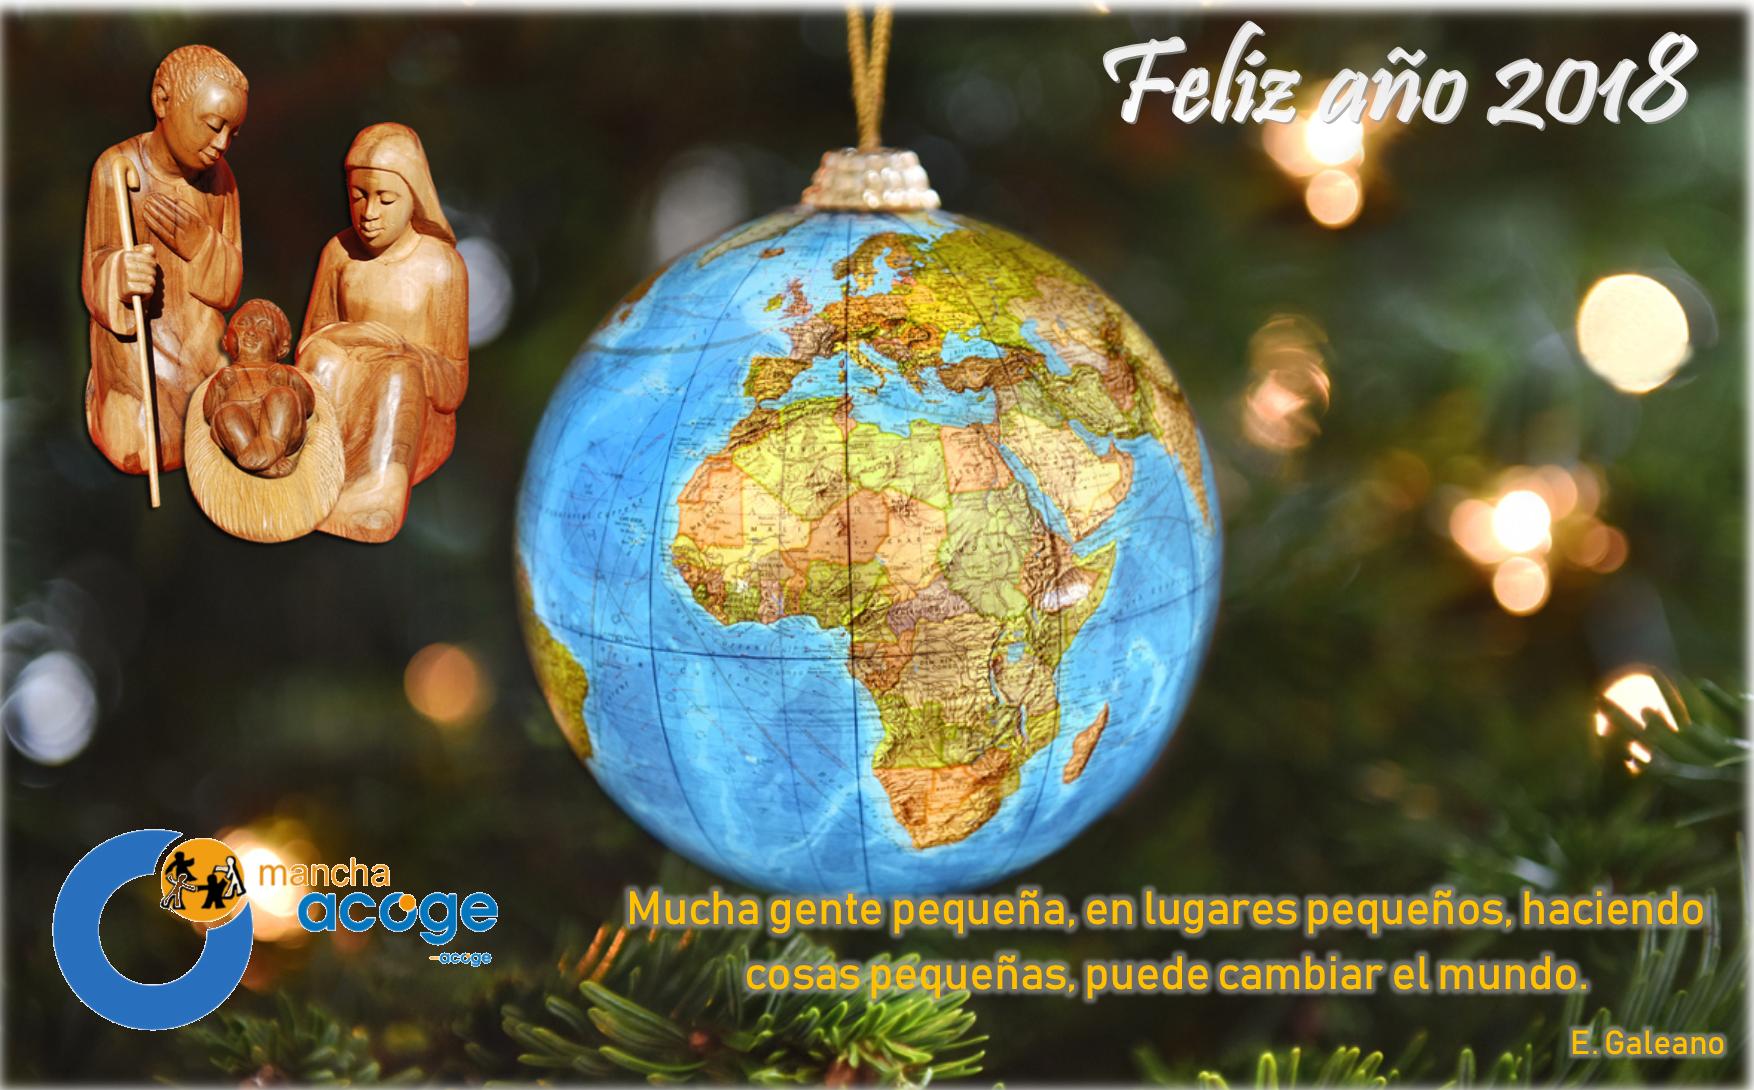 Gente Feliz En Navidad.Mancha Acoge Os Desea Feliz Navidad Y Feliz 2018 Mancha Acoge